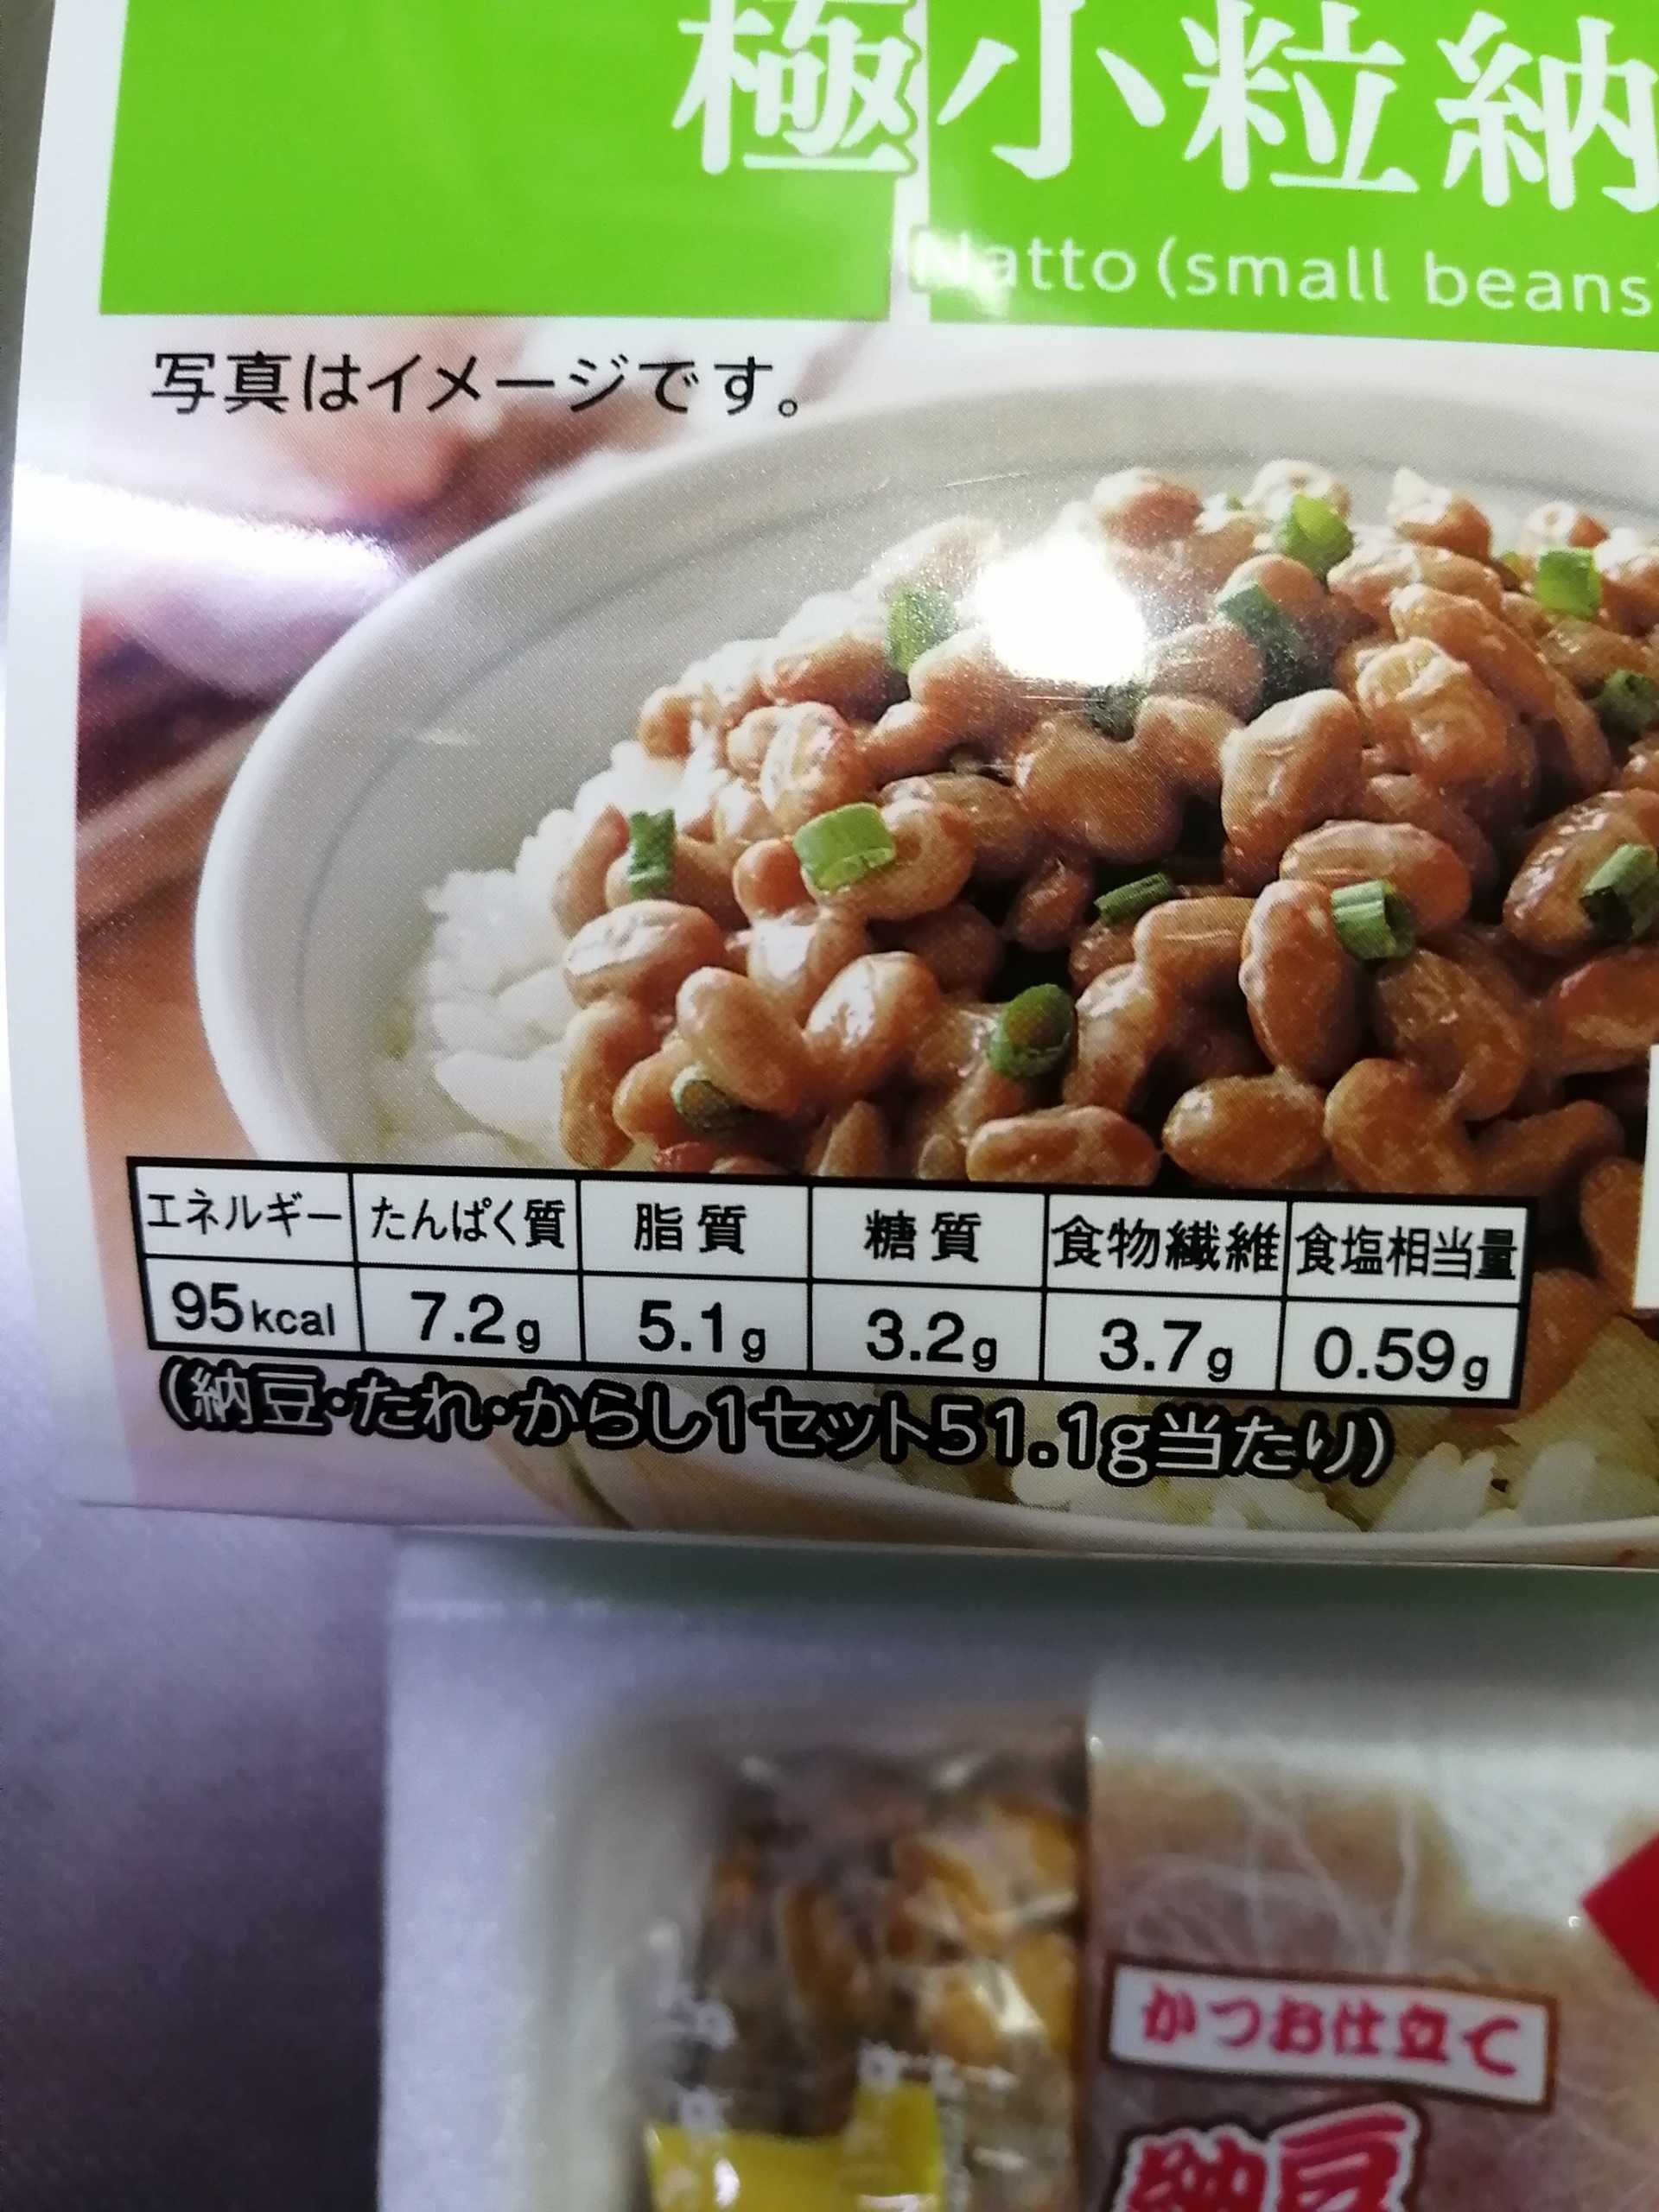 タンパク質 納豆 朝こそタンパク質を摂取する!意外な影響と高タンパクな朝食レシピを紹介!